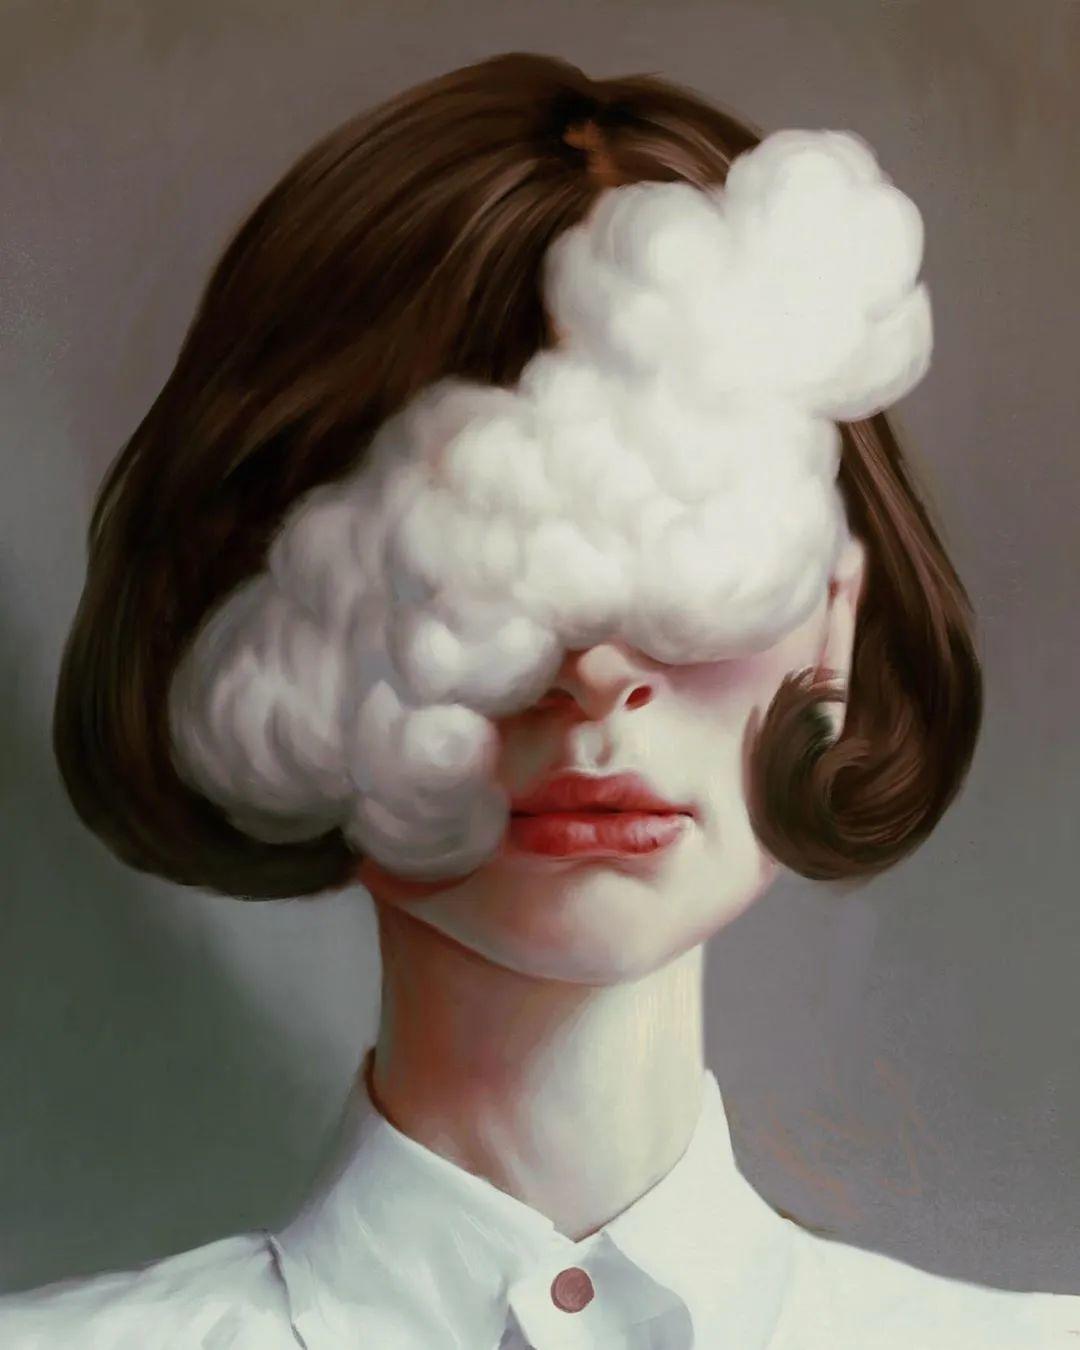 令人惊异的超现实主义肖像画,好有创意!插图1